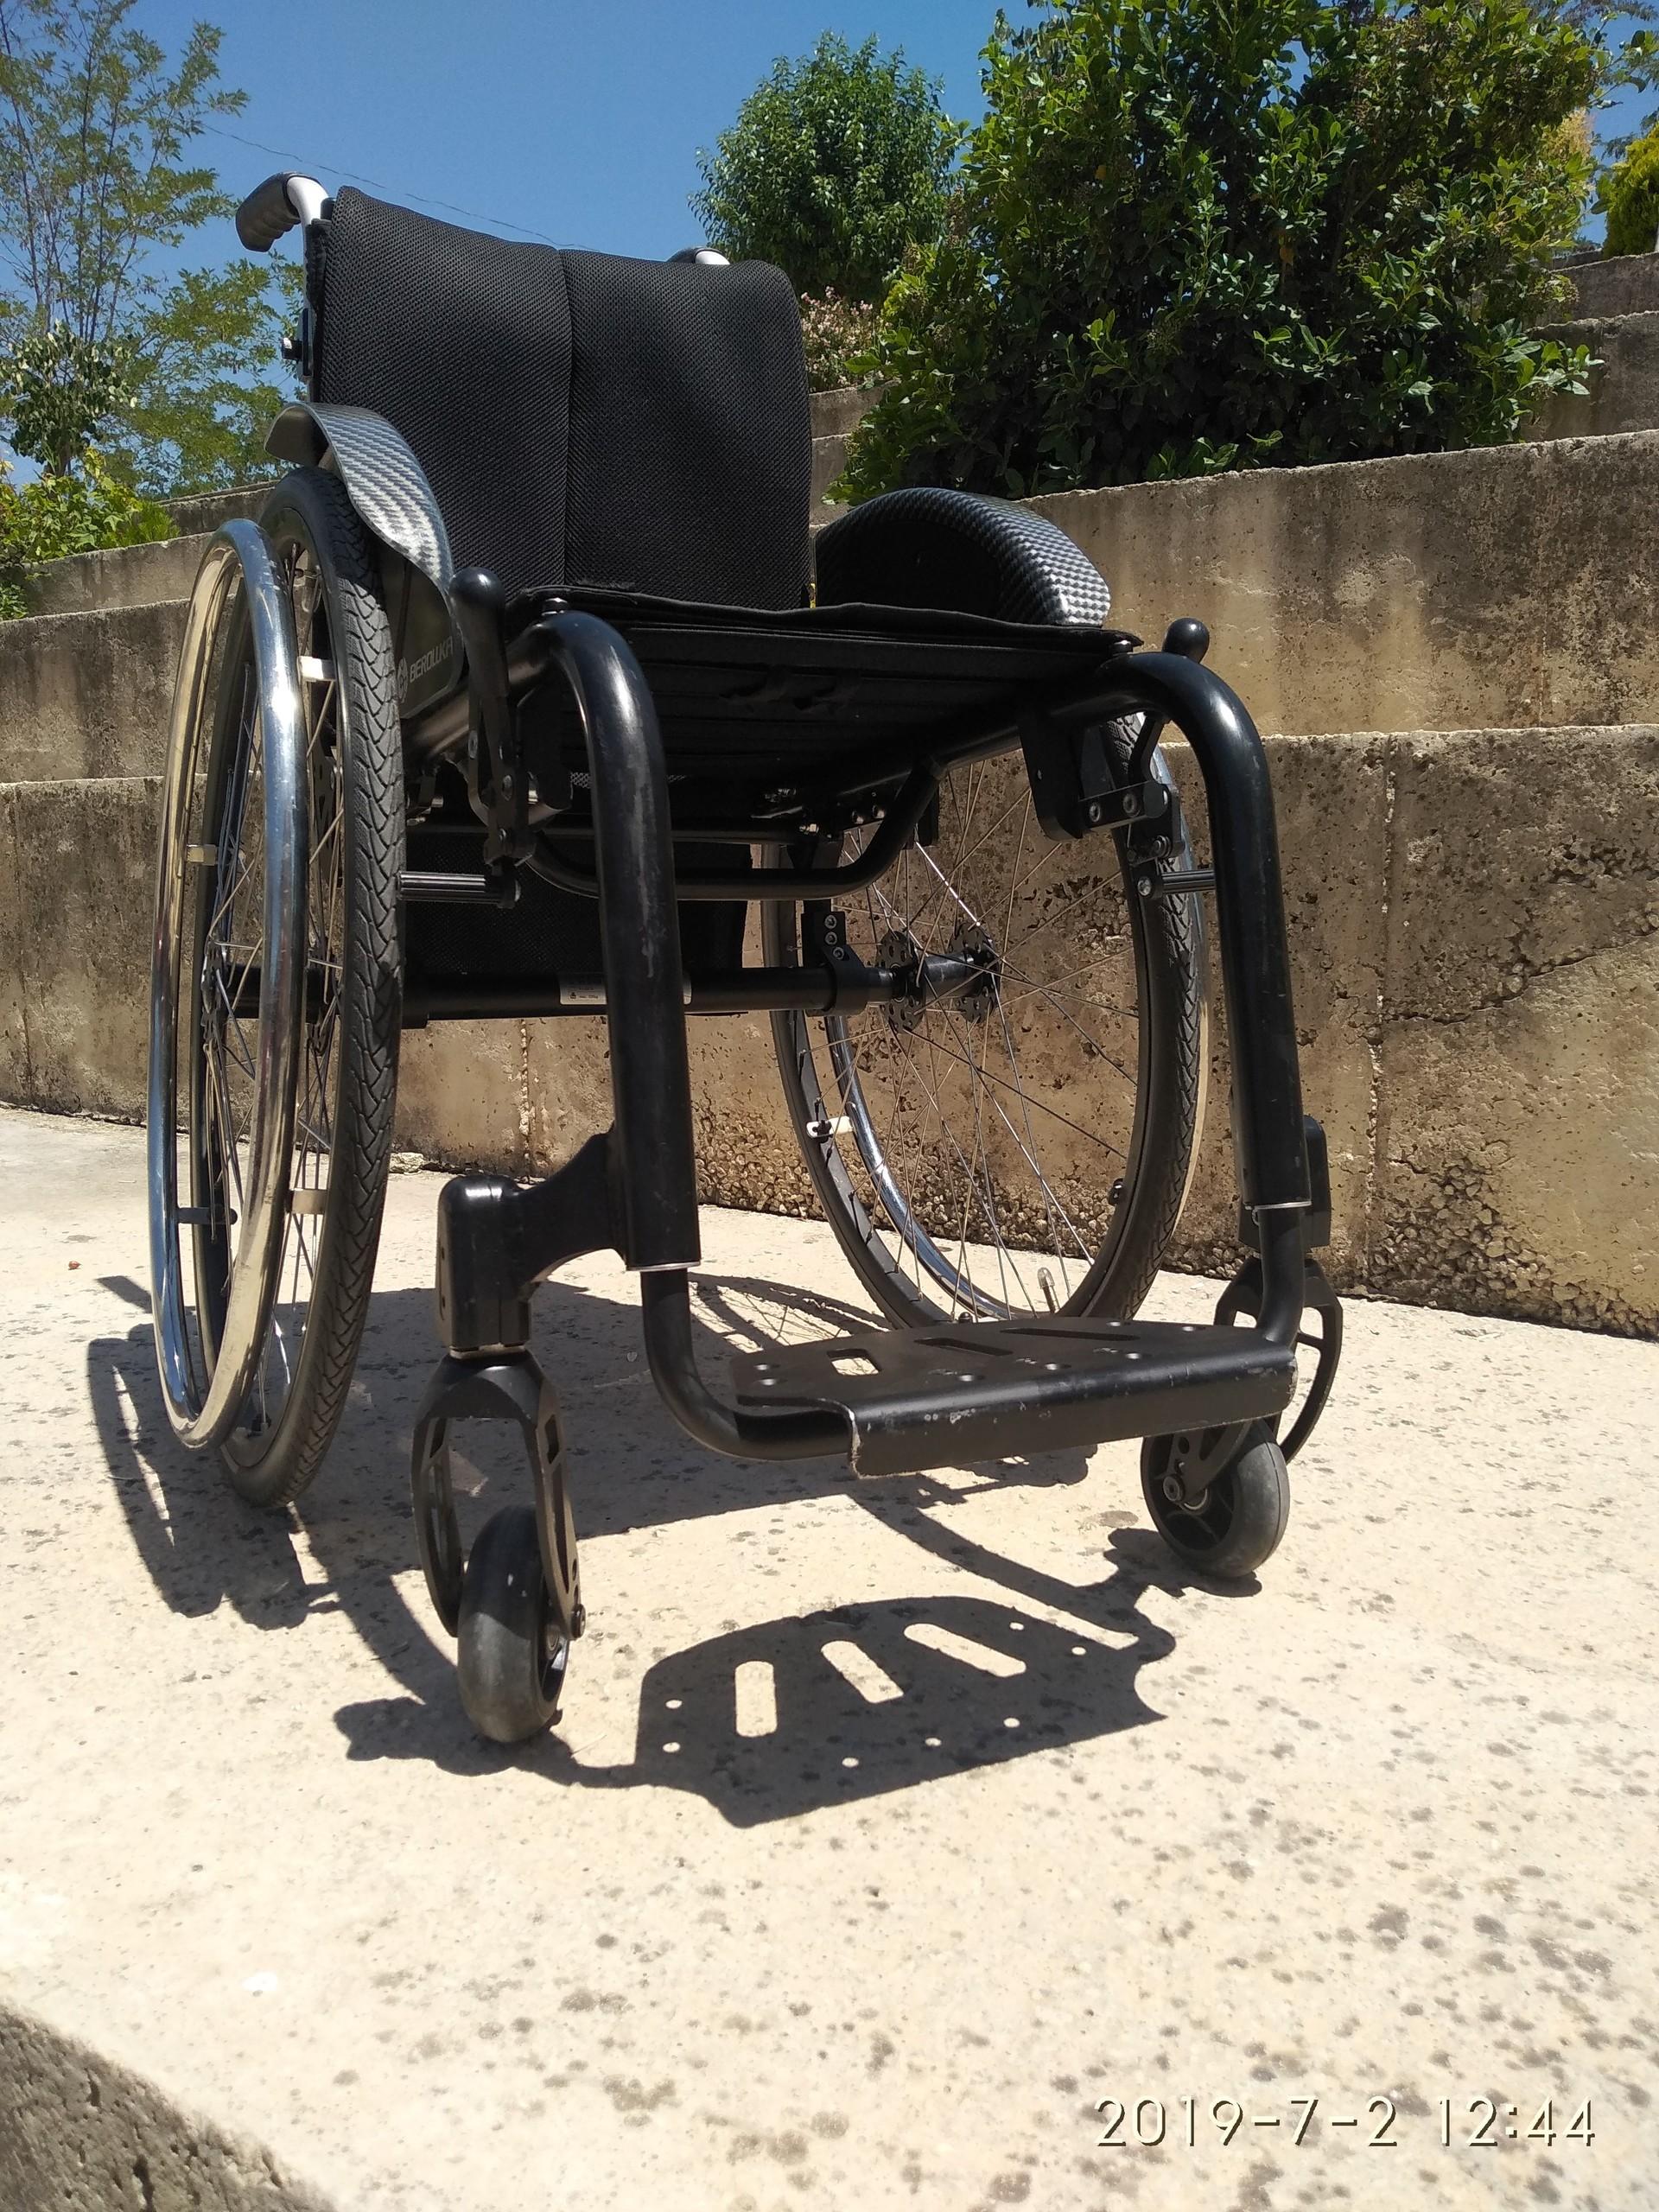 7BPrJa - Berollka Cobra Spor Alman markası aktif tekerlekli sandalye satılıktır